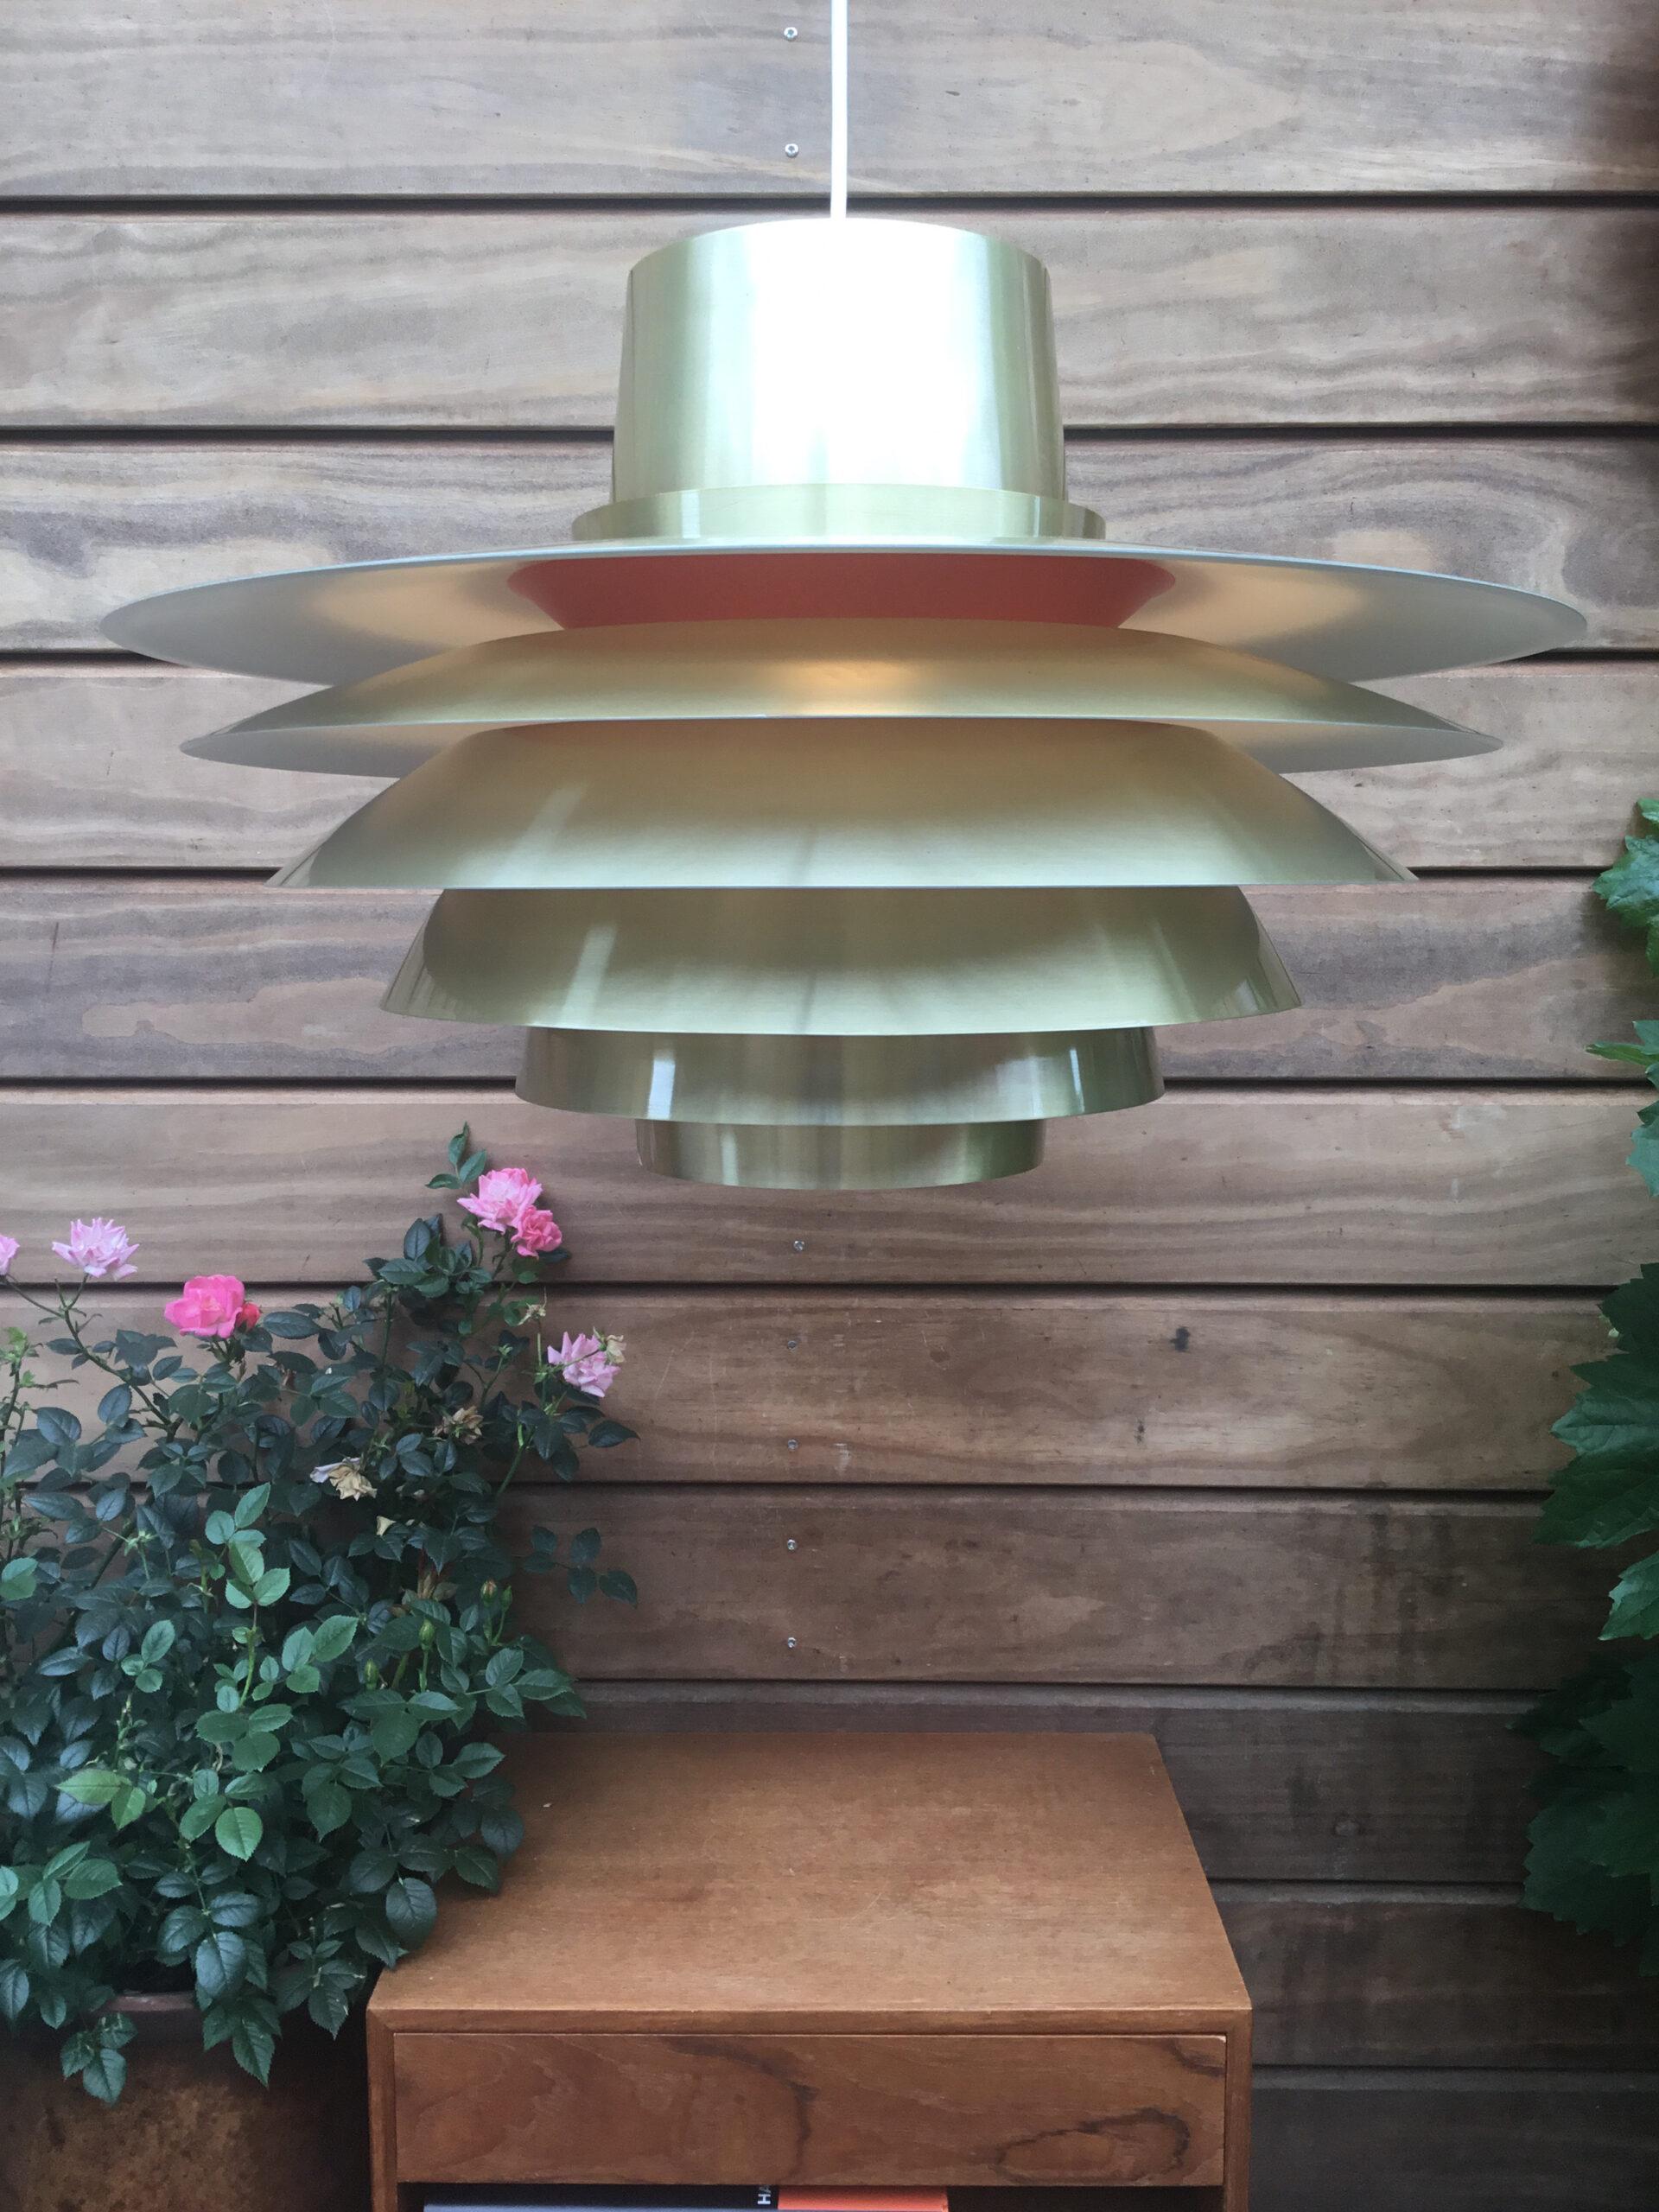 #veronalamp #svendmiddelboe#svendmiddelboeverona#copper#copperlamp#verona41094#brass#nordisksolar#nordisksolarkompagni#johammerborg #fogmorup#danishdesign #danishlamp#vintagelamp #danishdesign#midcenturymodern #danishmodern#tilsalg #sælges #forsale #genbrug#midmod #classic #interiordesign#homedecor#paulinekdk #vejle